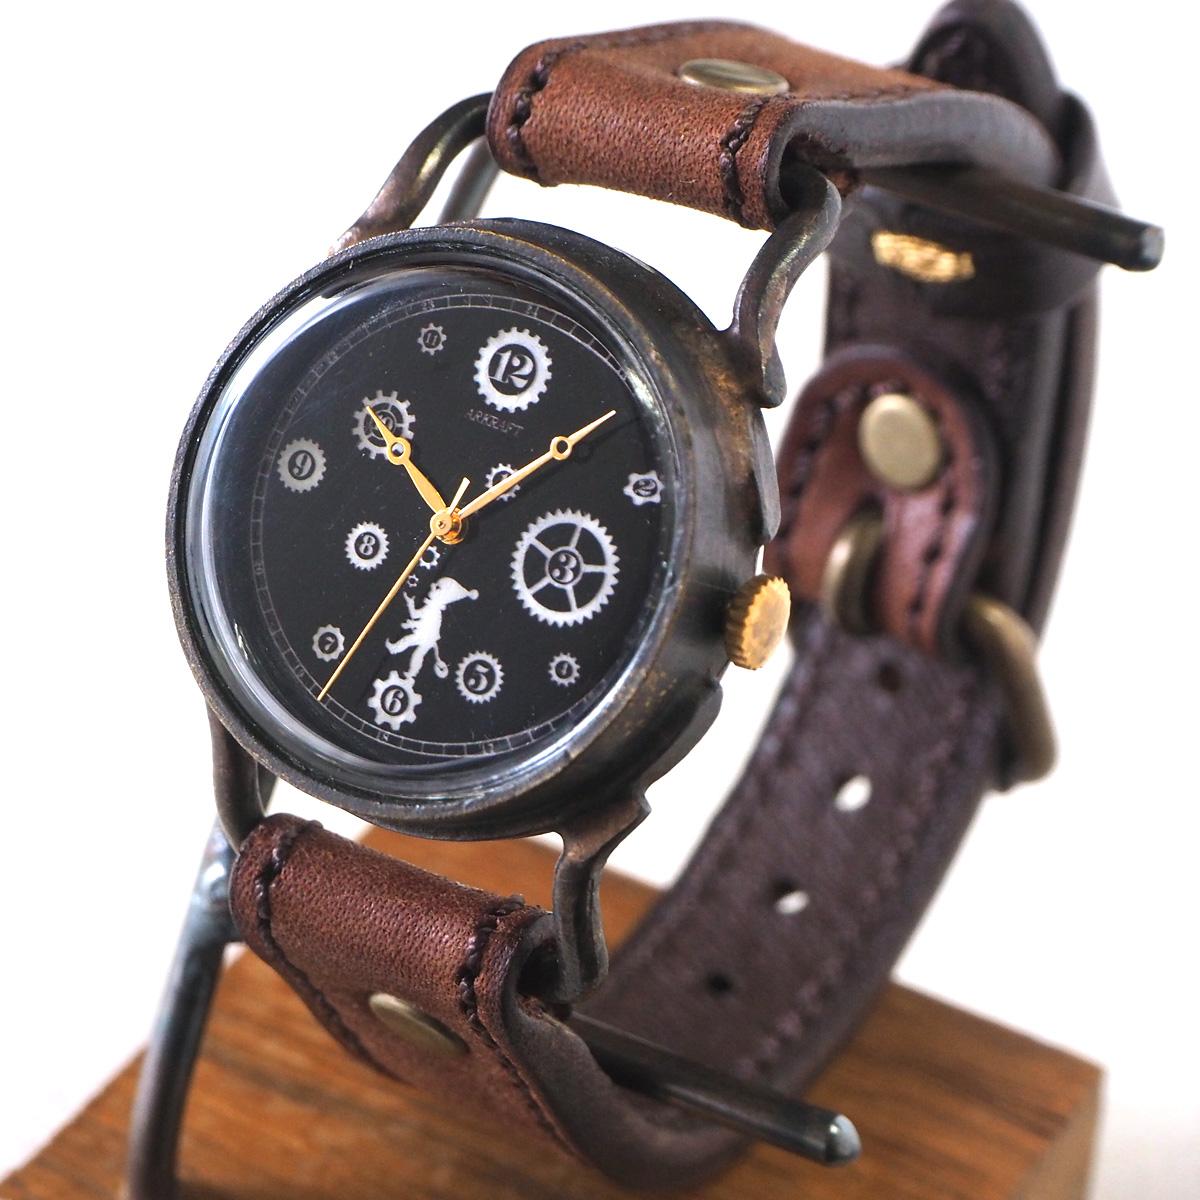 """ARKRAFT(アークラフト) 時計作家・新木秀和 手作り腕時計 """"Pivo small"""" ホワイトシェル文字盤 プレミアムストラップ [AR-C-013-WH]"""